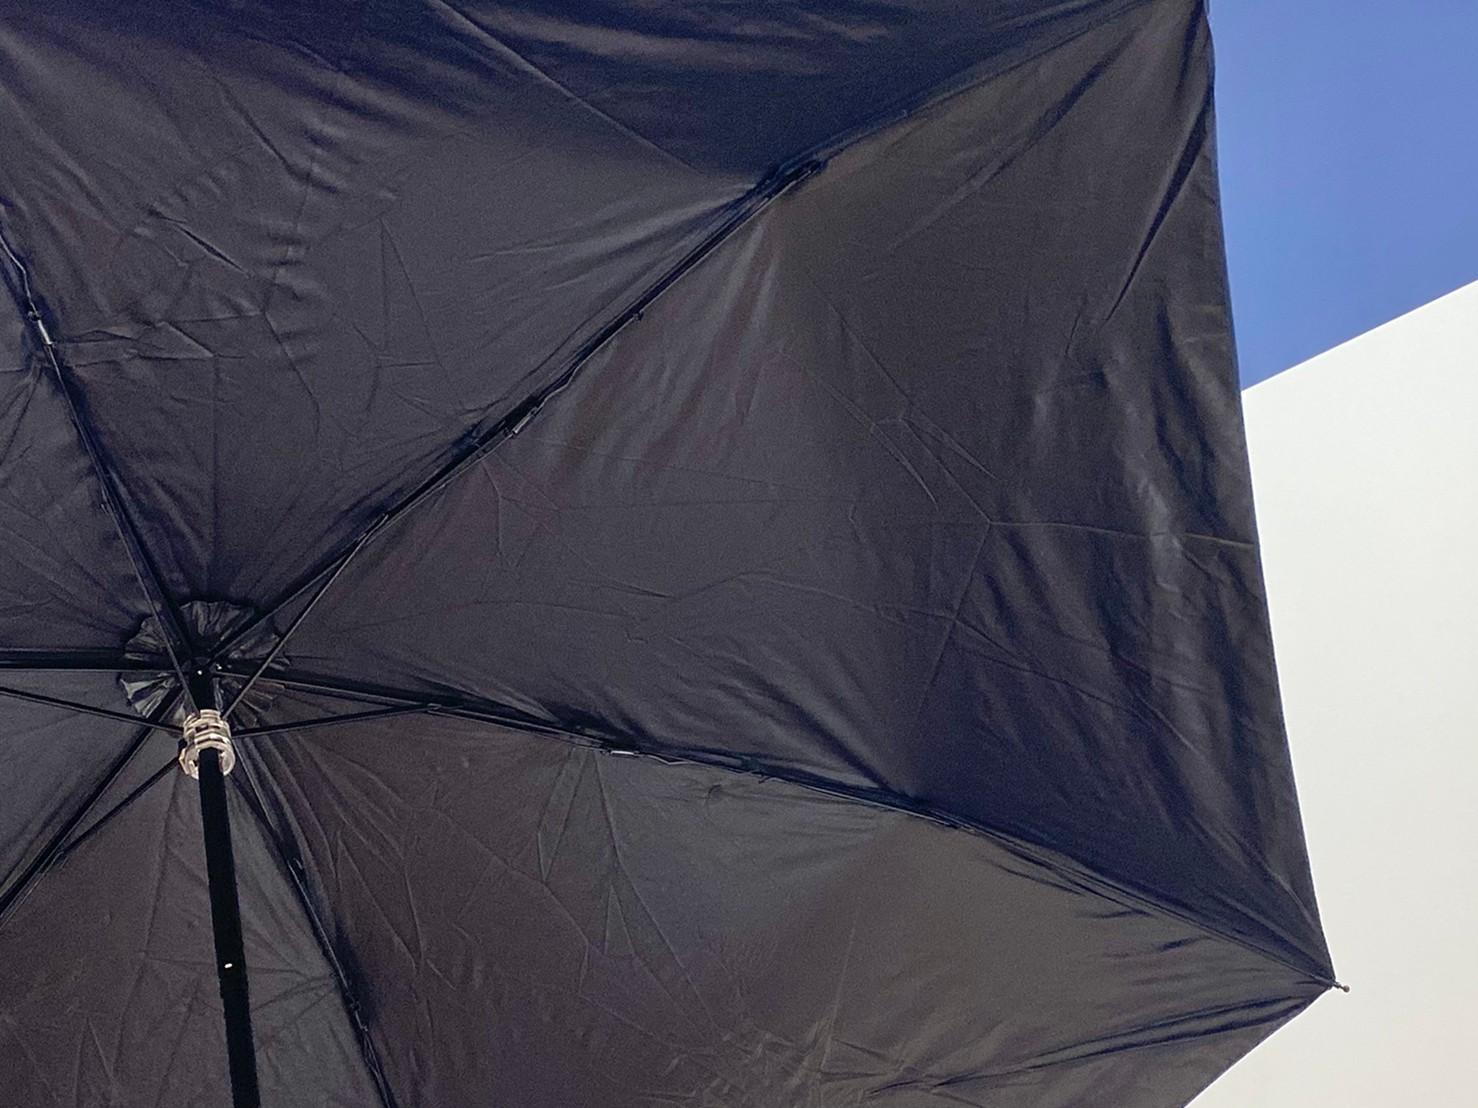 『晴雨兼用折りたたみ傘』裏面画像